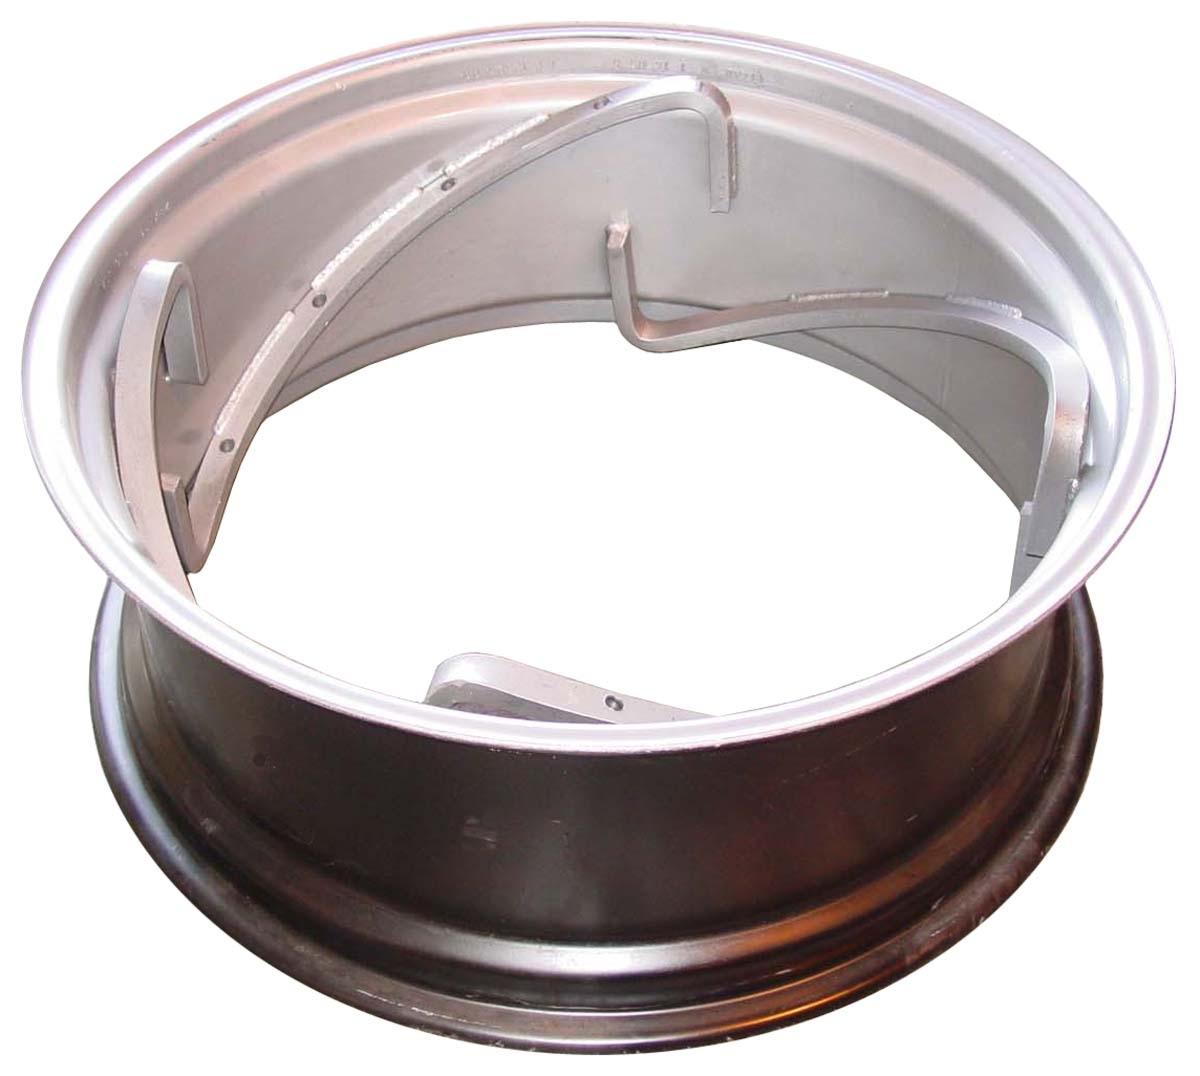 11 X 28 REAR RIM (SPINOUT)